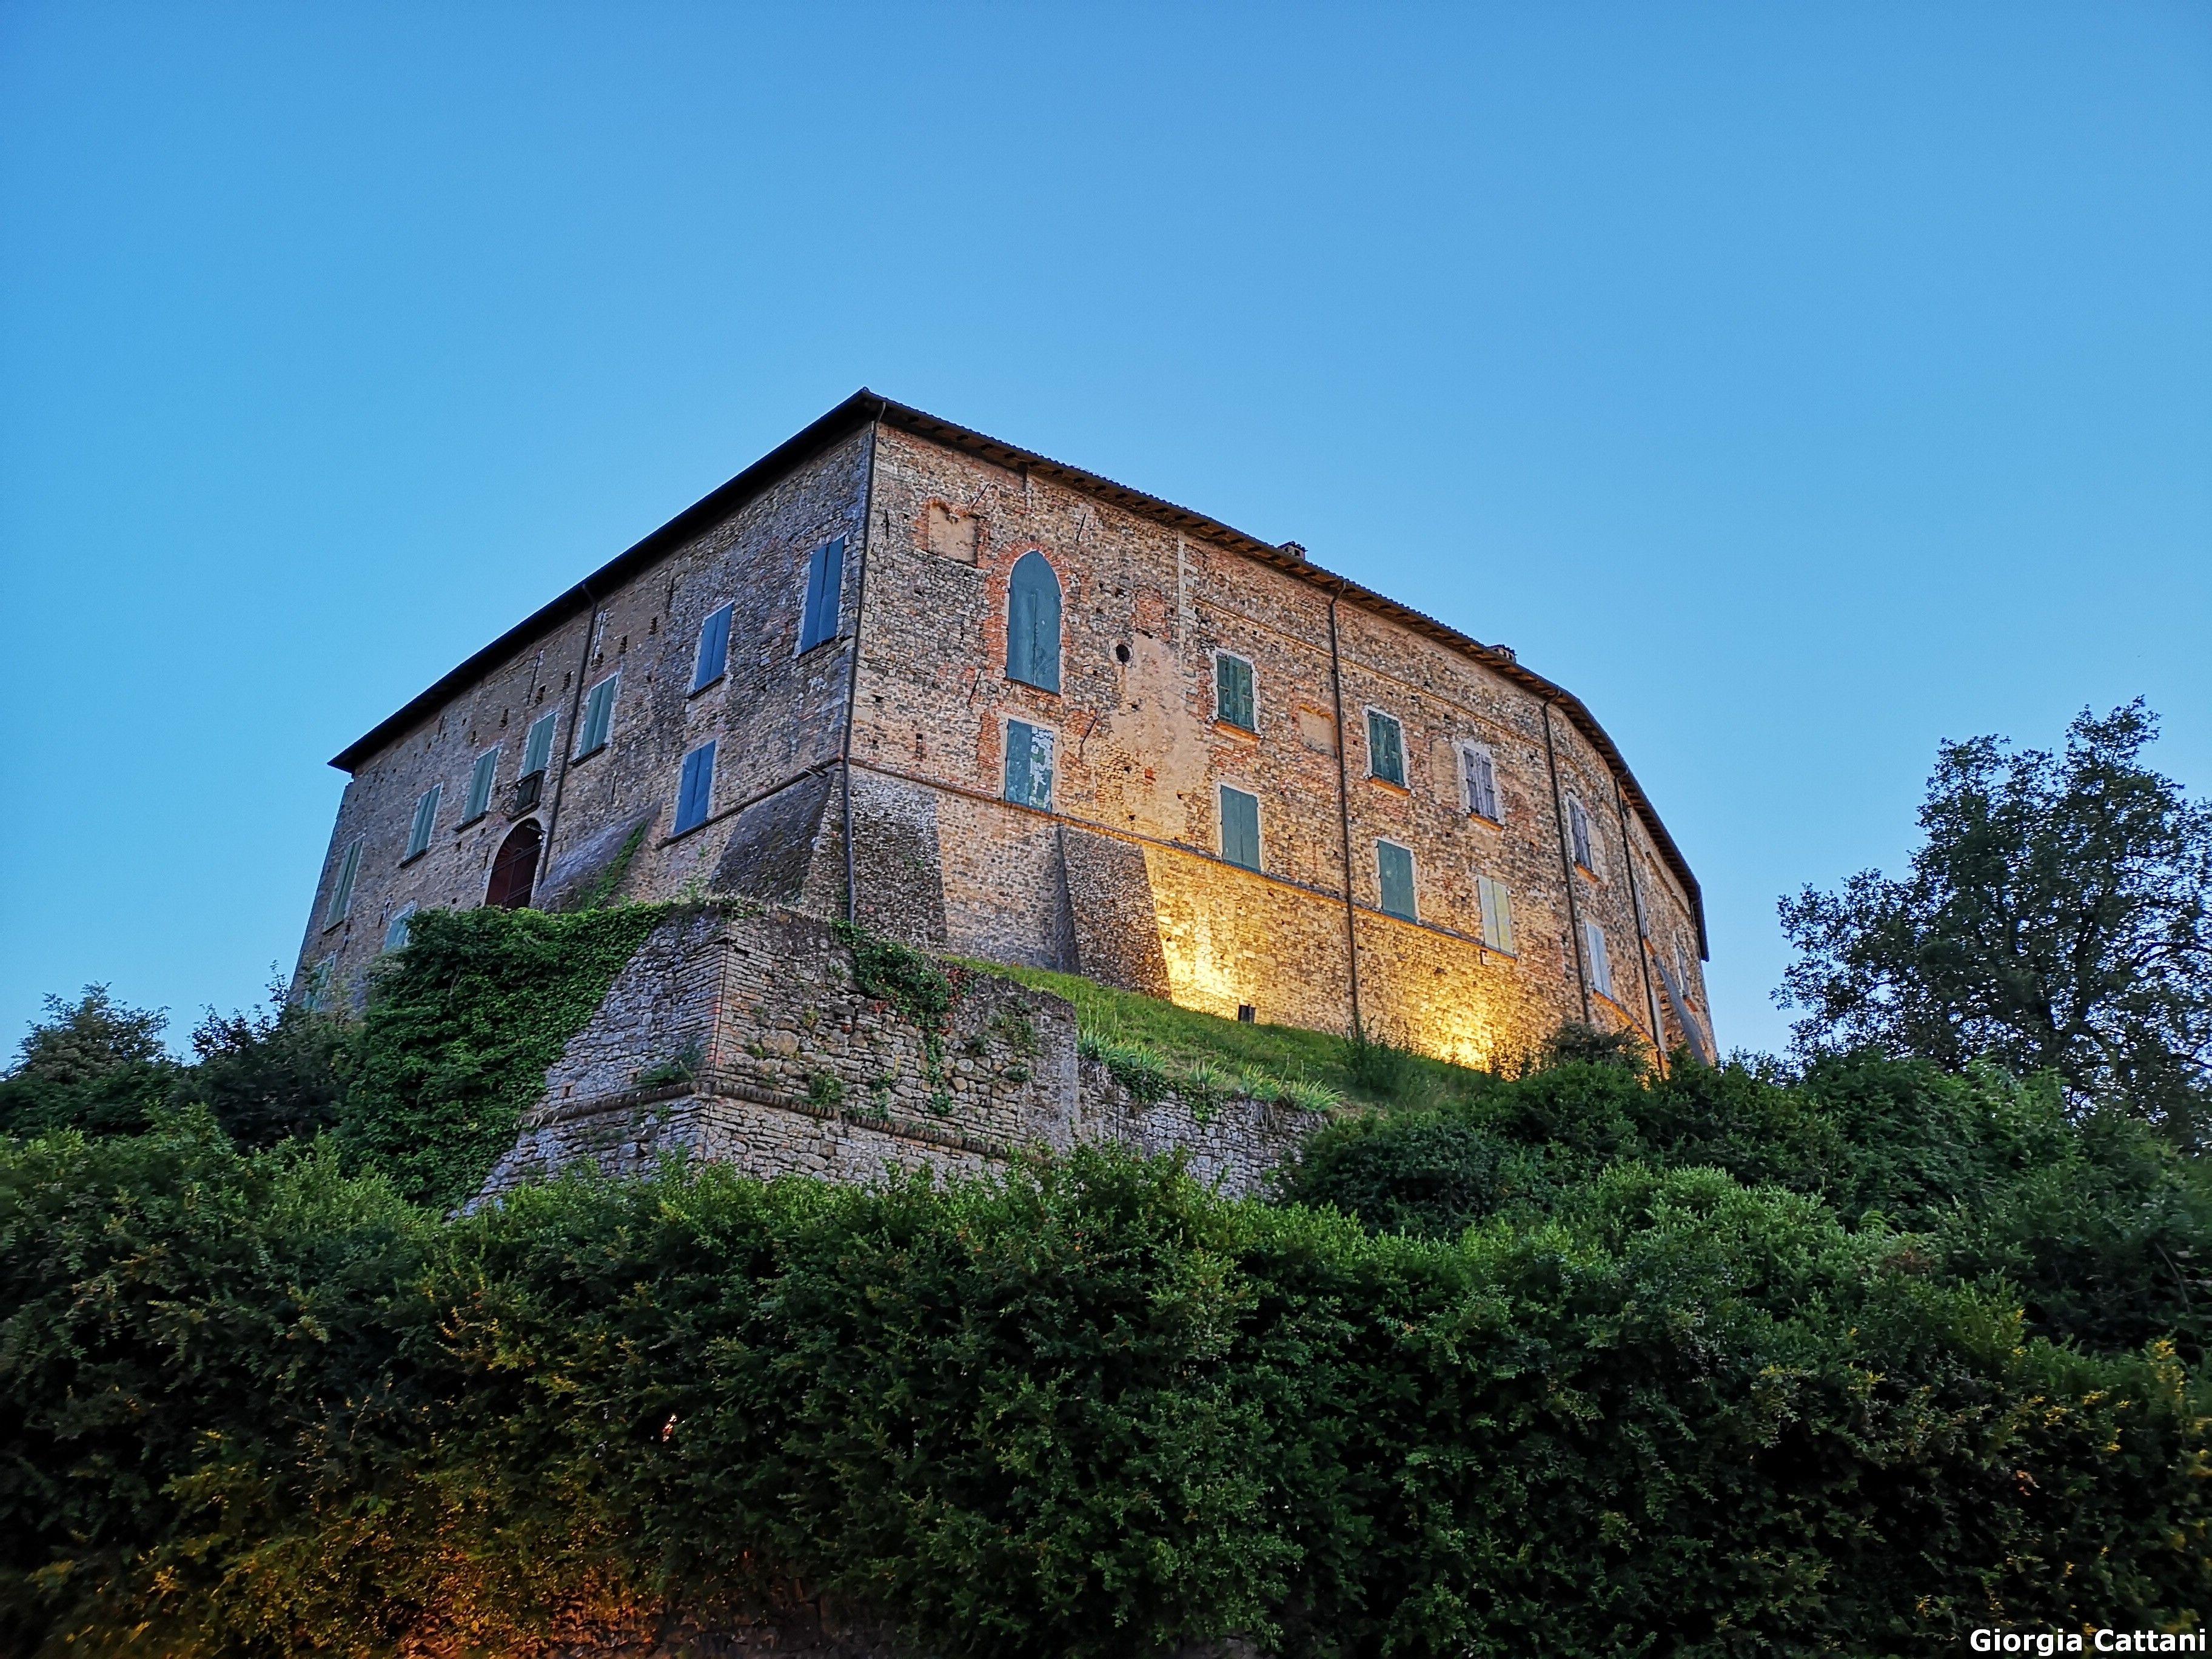 Bianello Castle, Quattro castella, RE